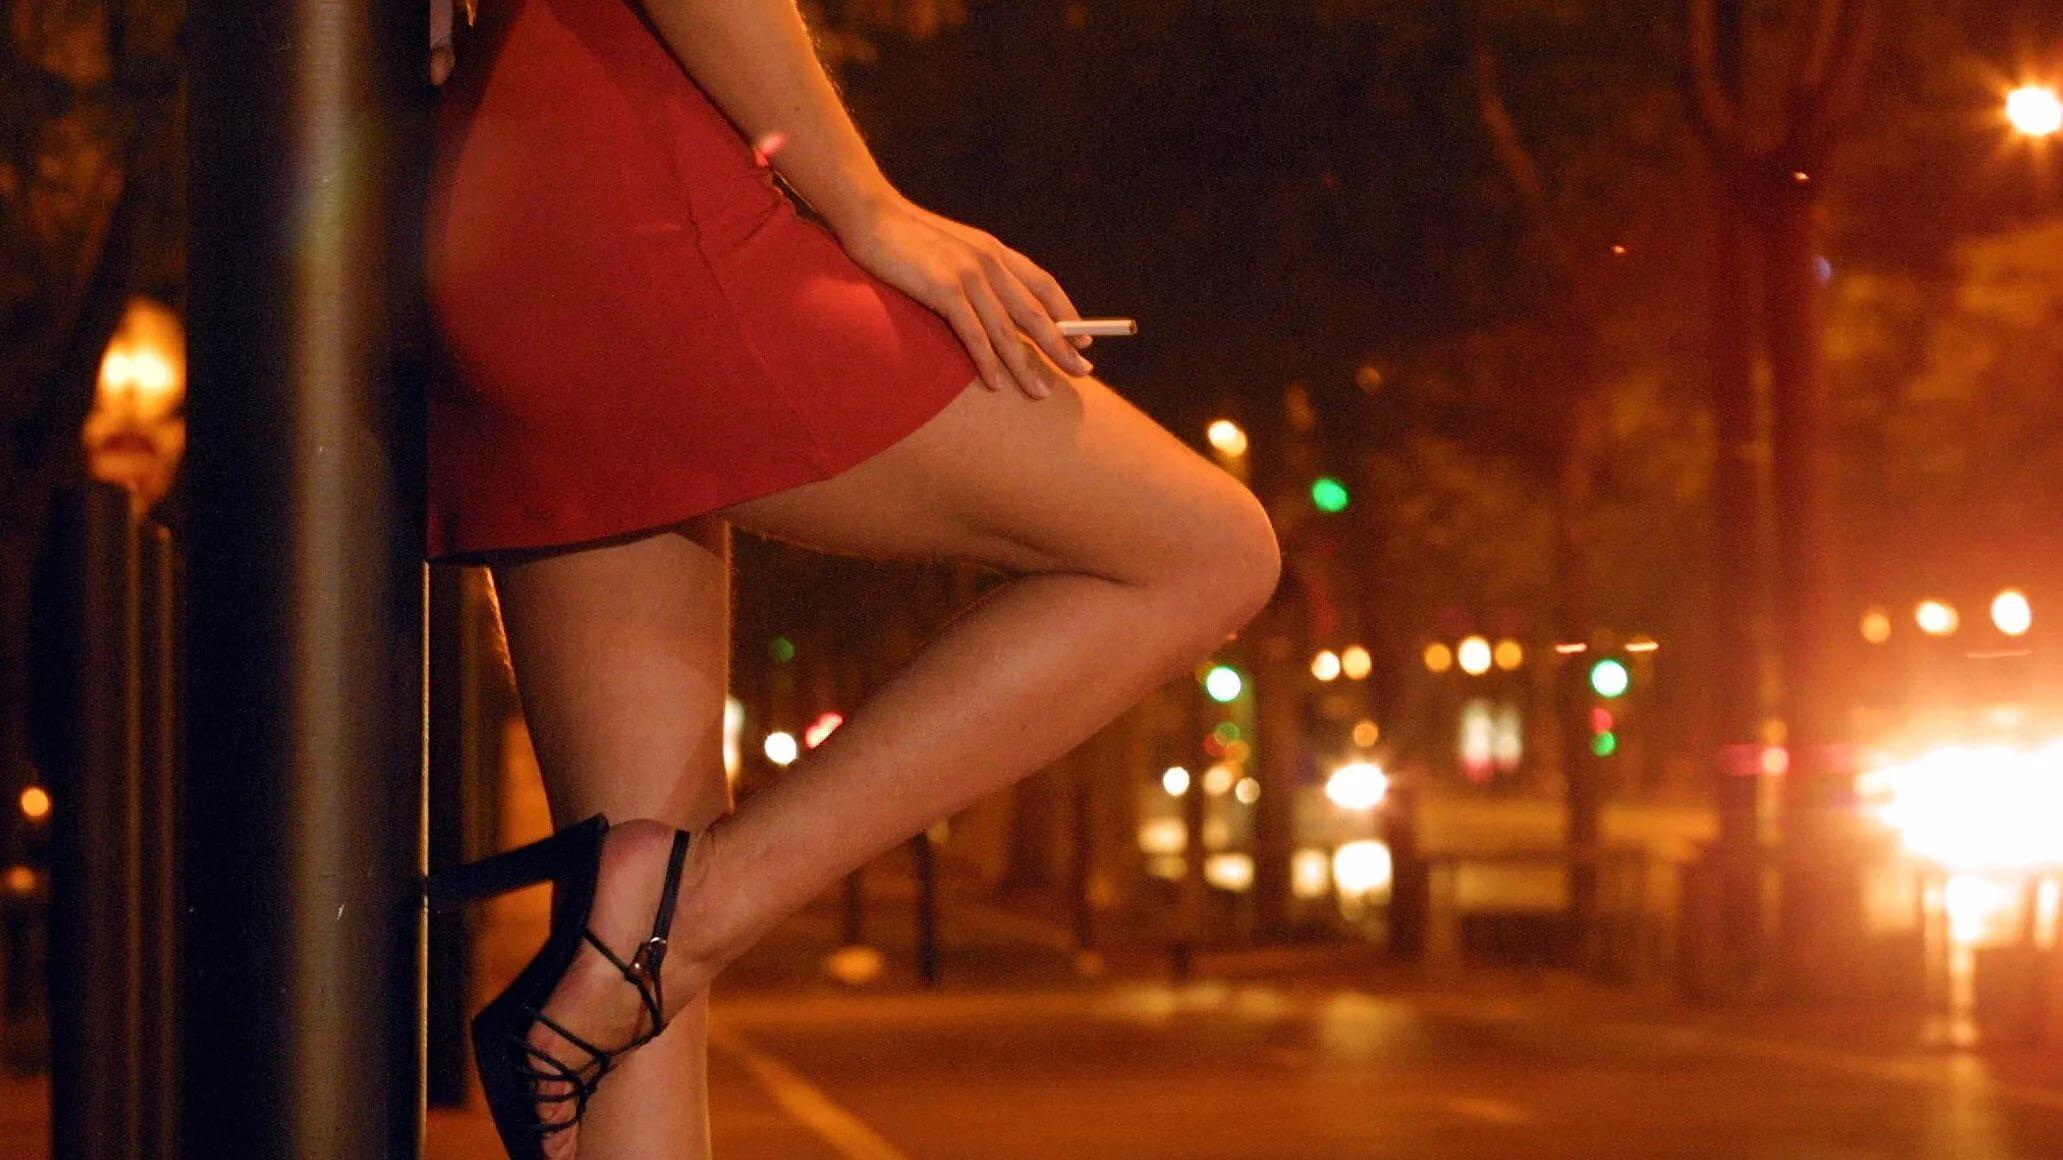 В Саратове задержали ртищевскую проститутку